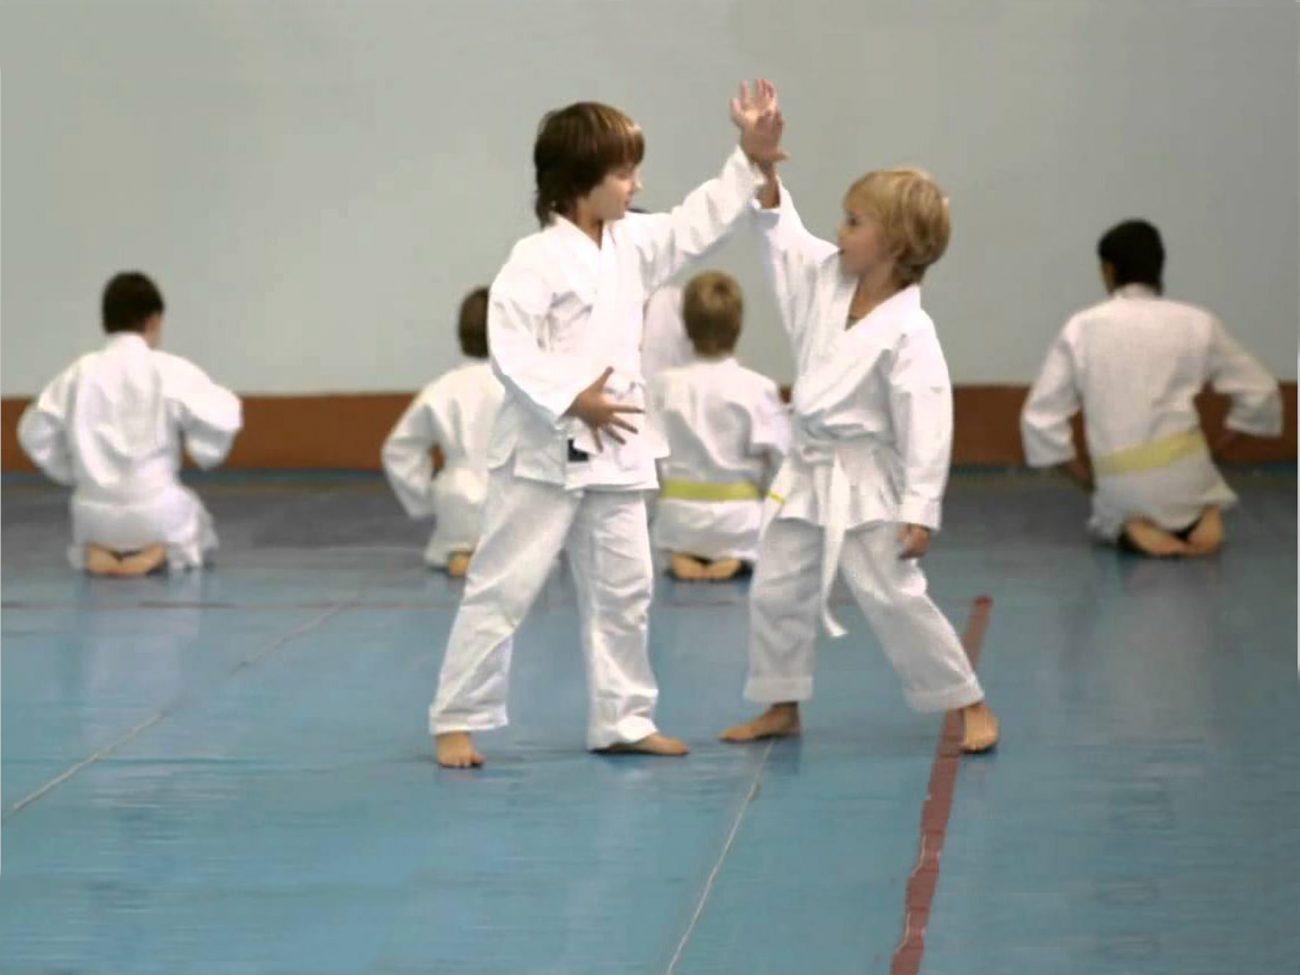 Clases de Aikido para mujeres y niños